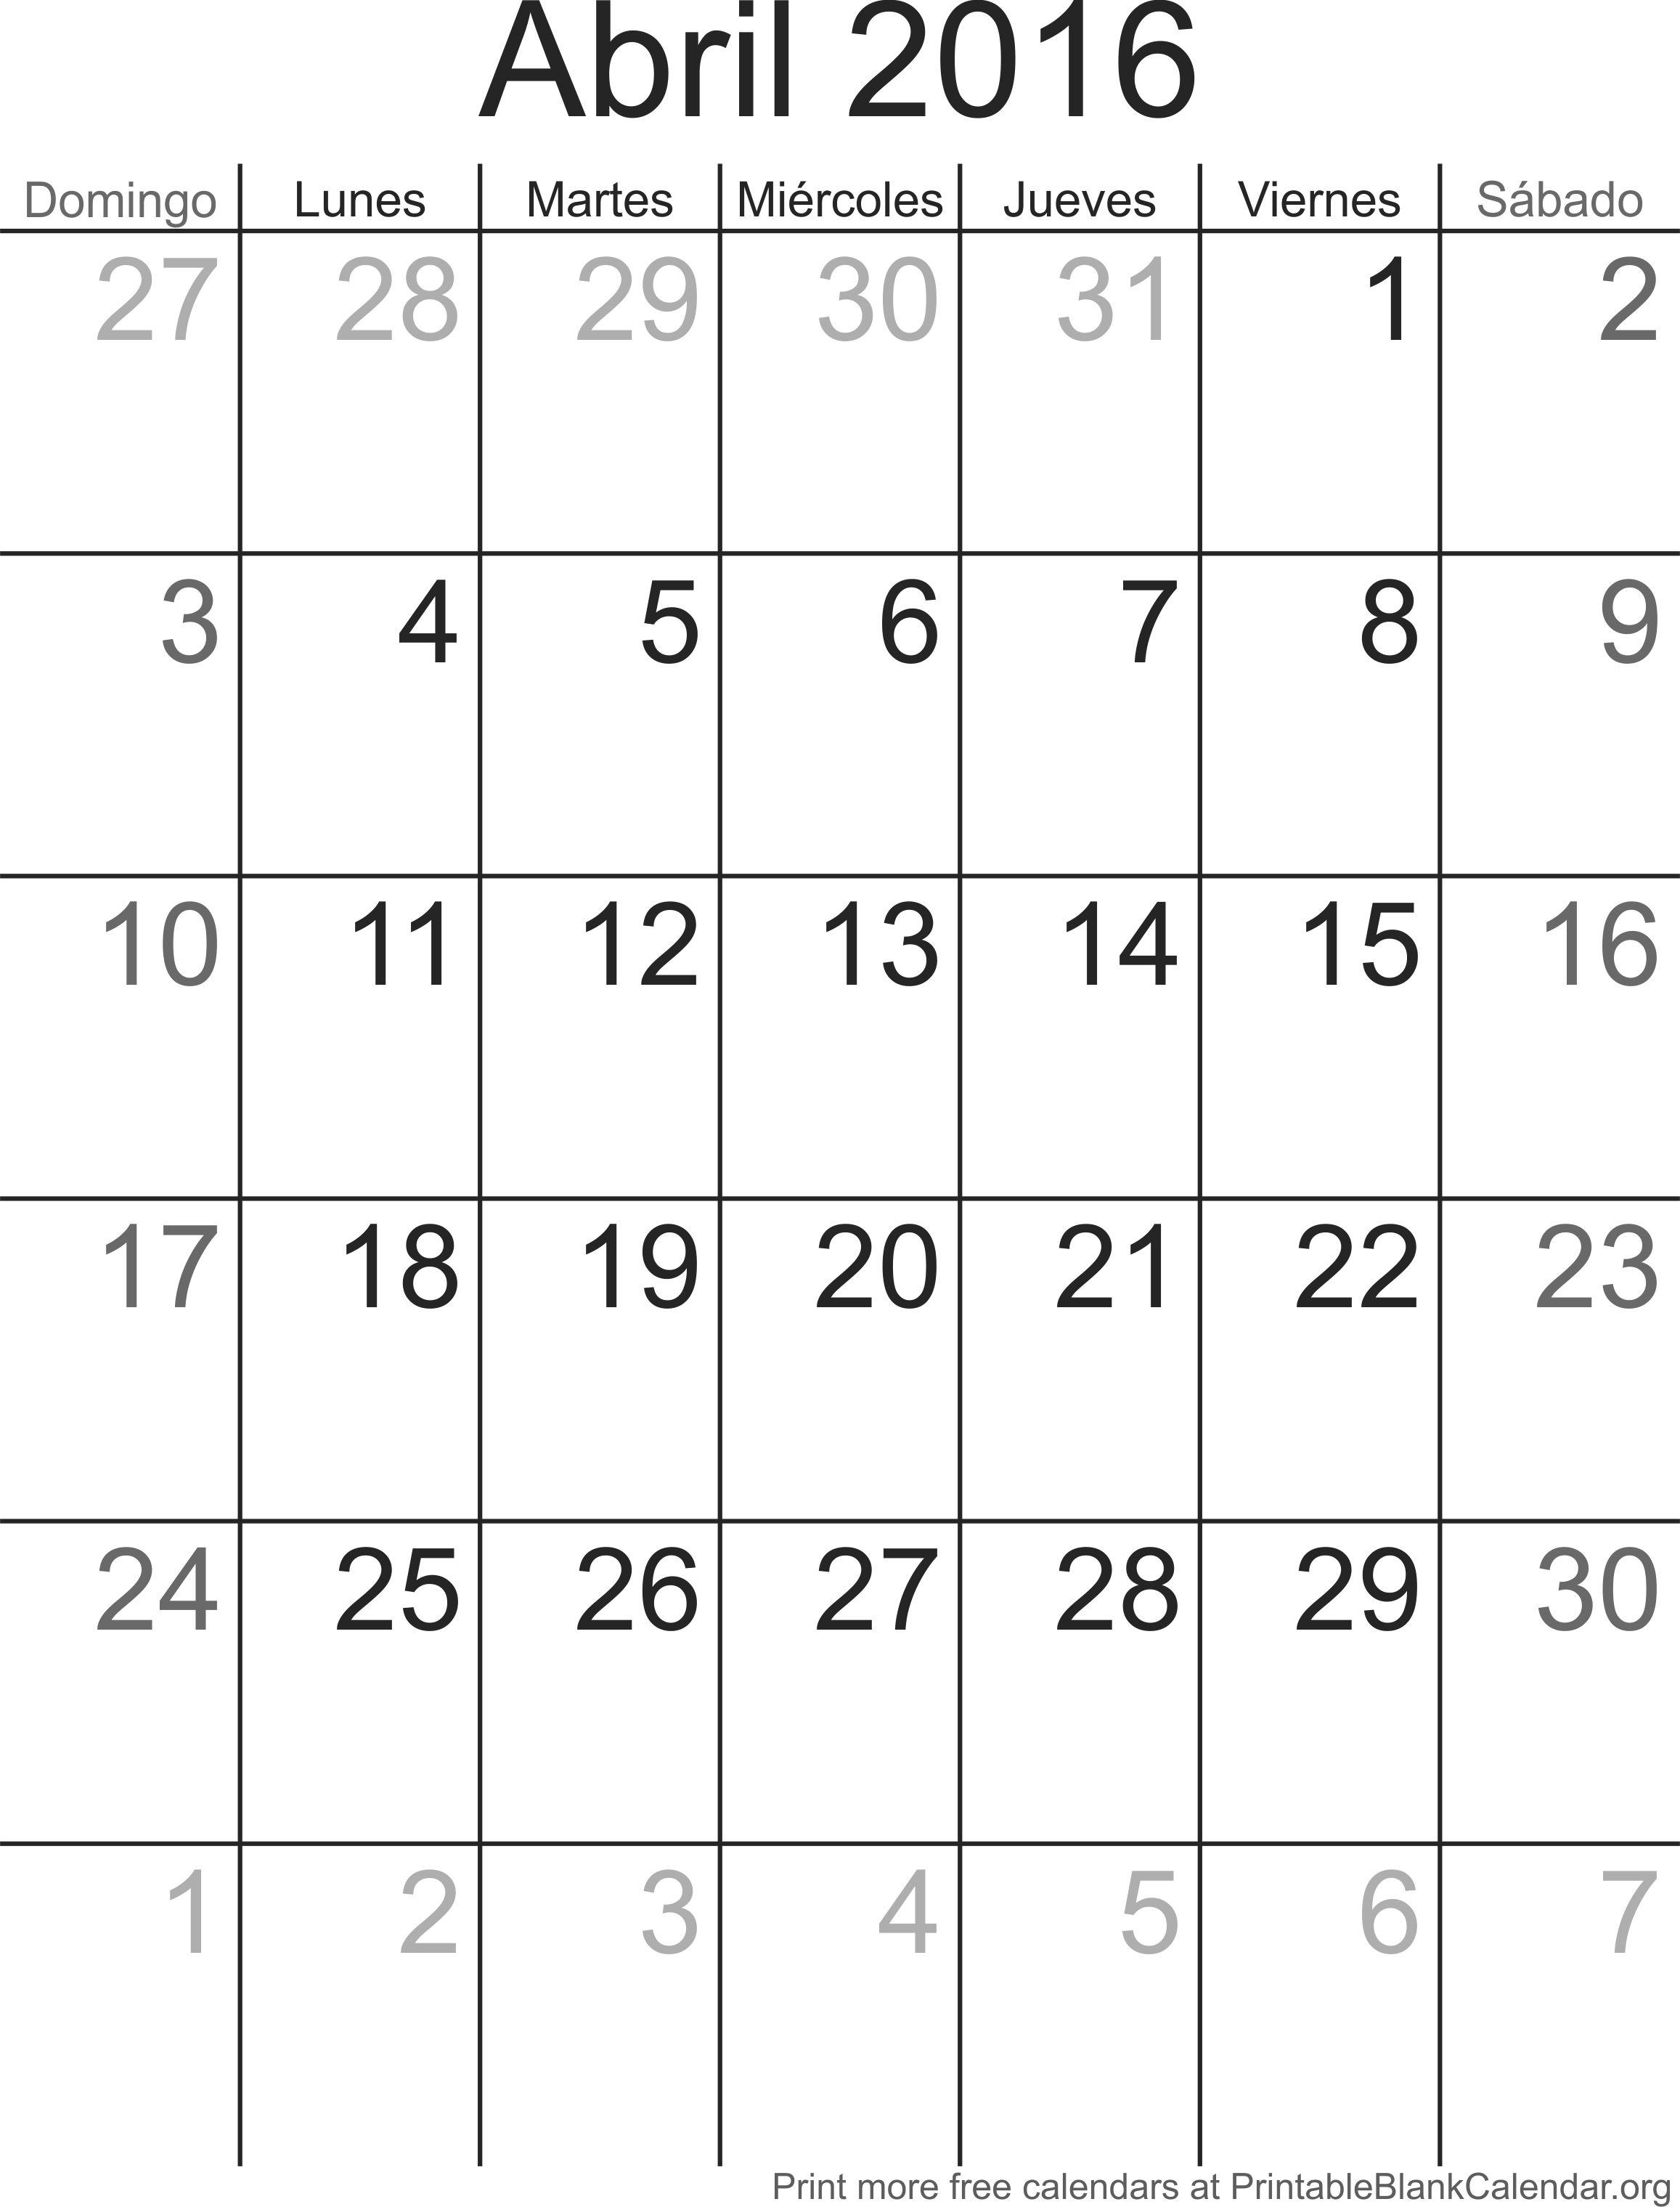 calendario abr 2016